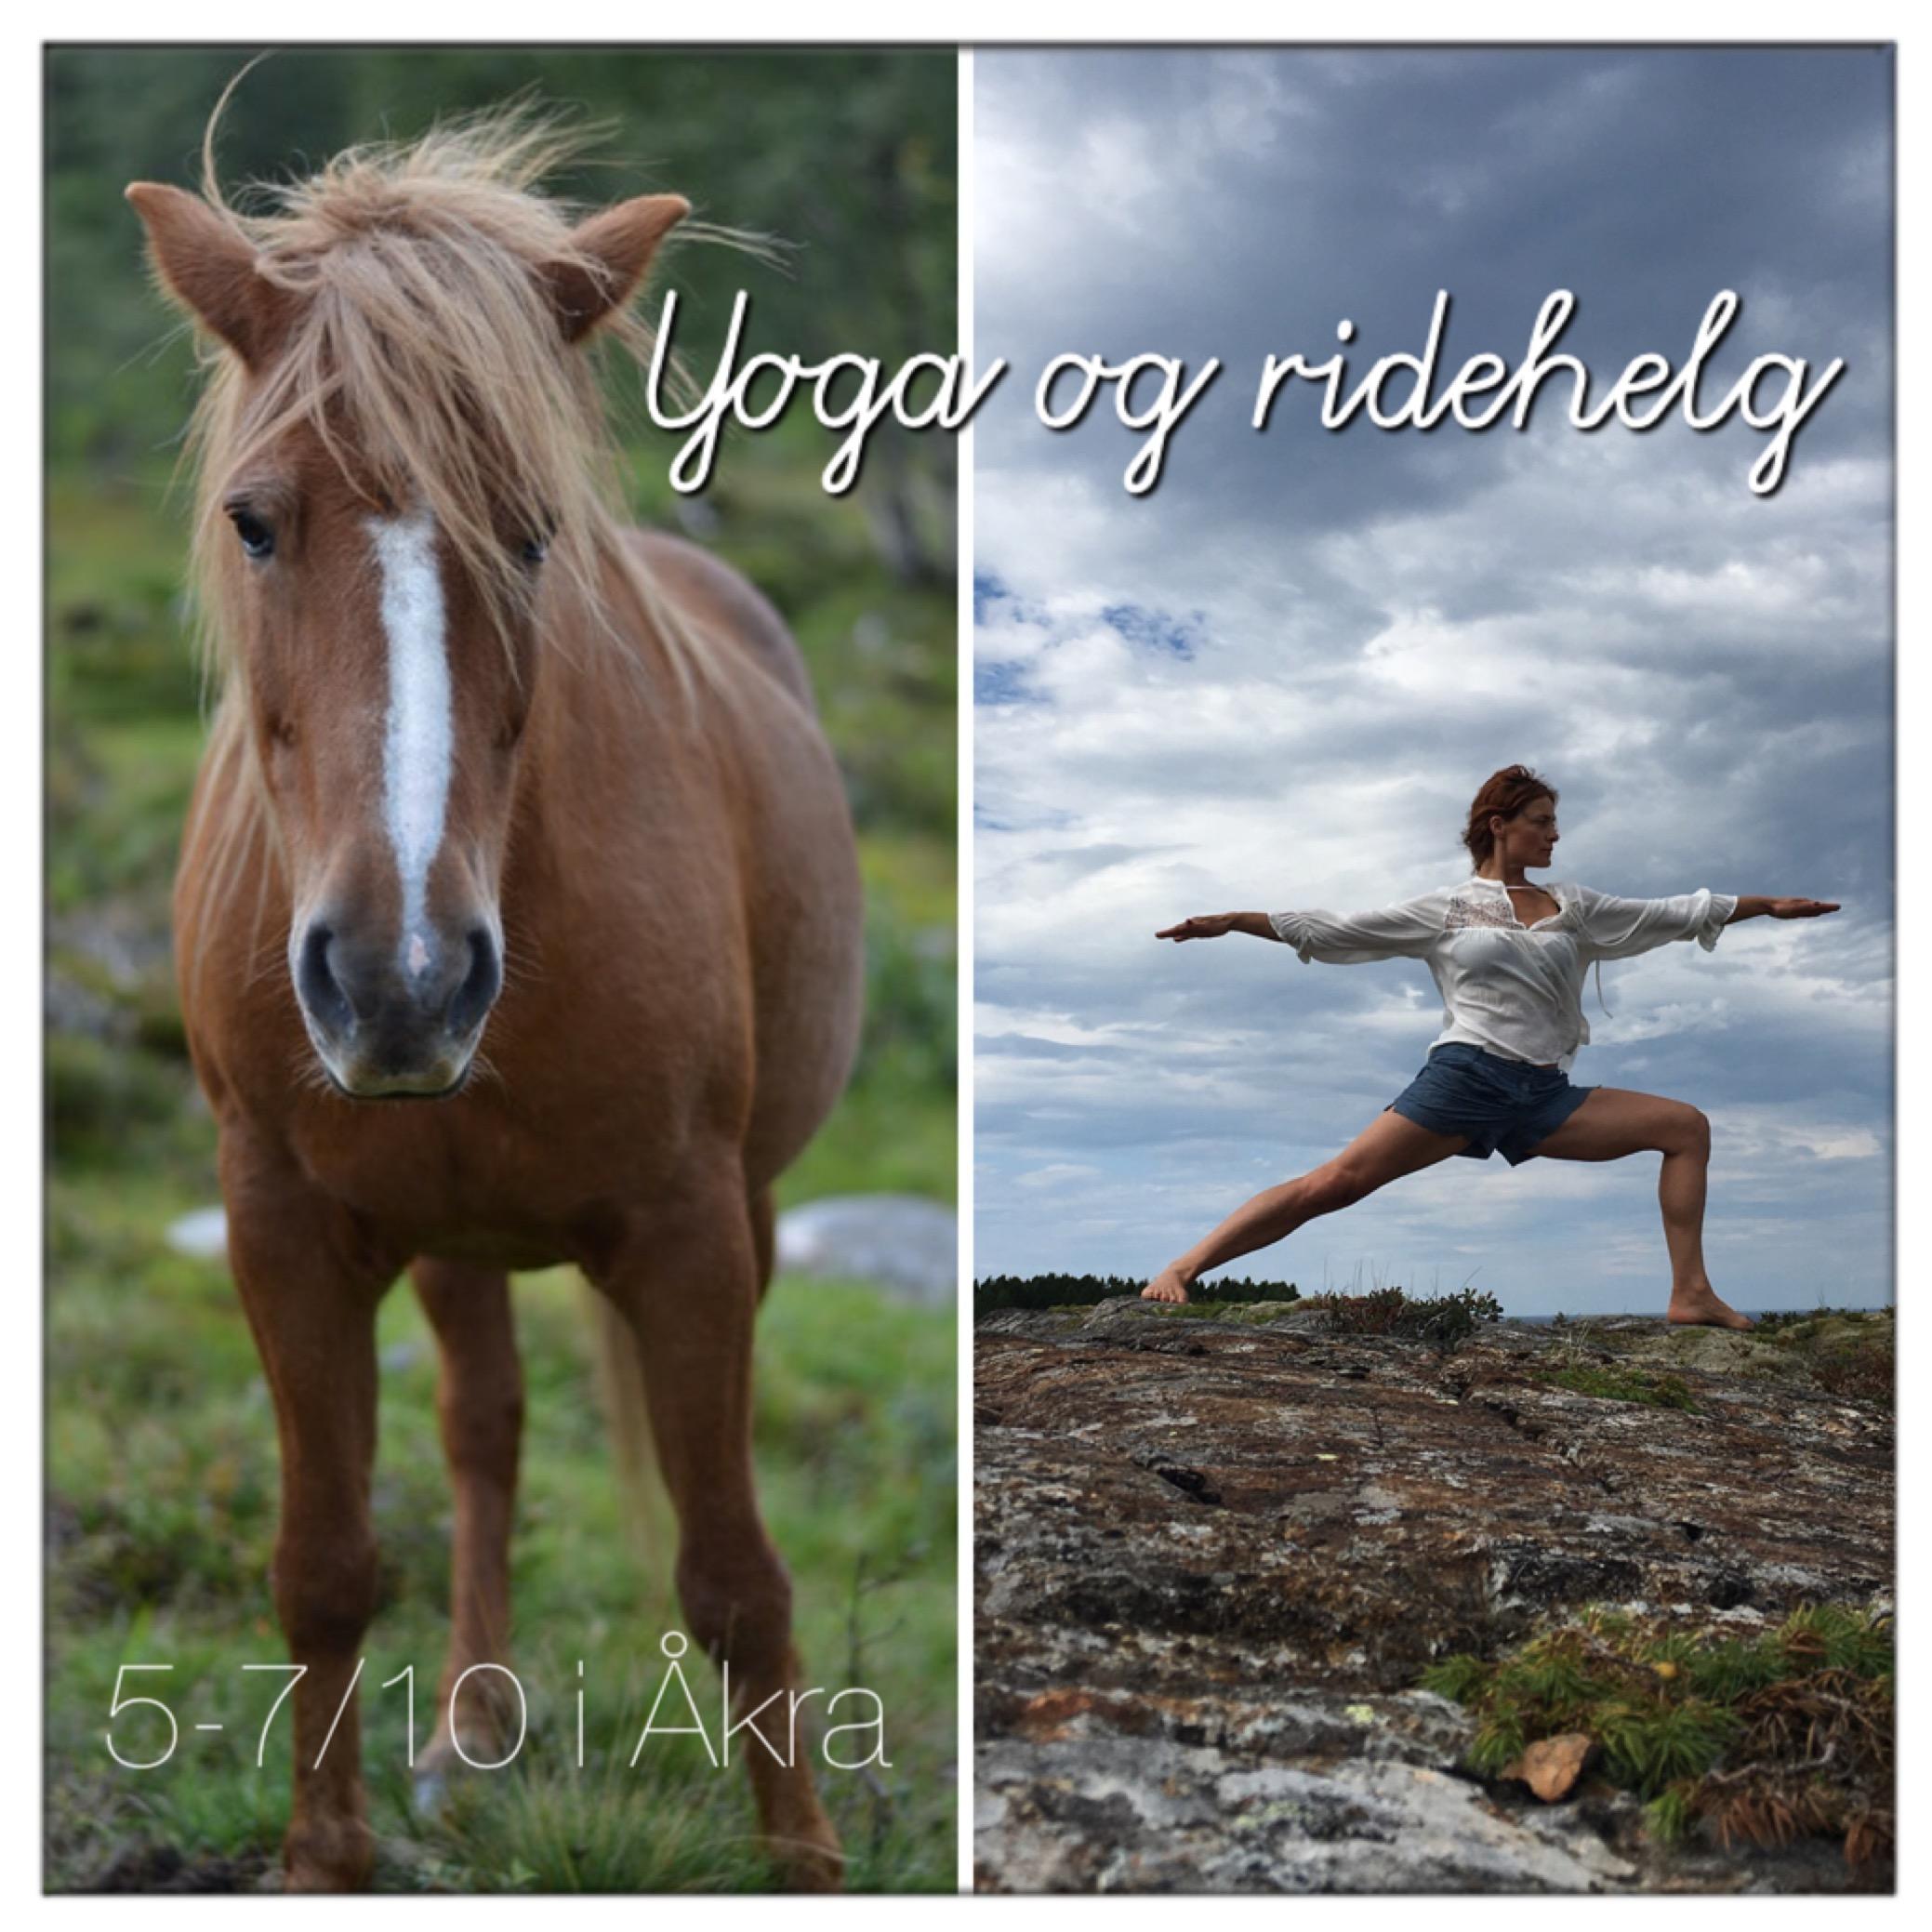 Yoga og ridehelg i Åkra 2019 settes snart opp.